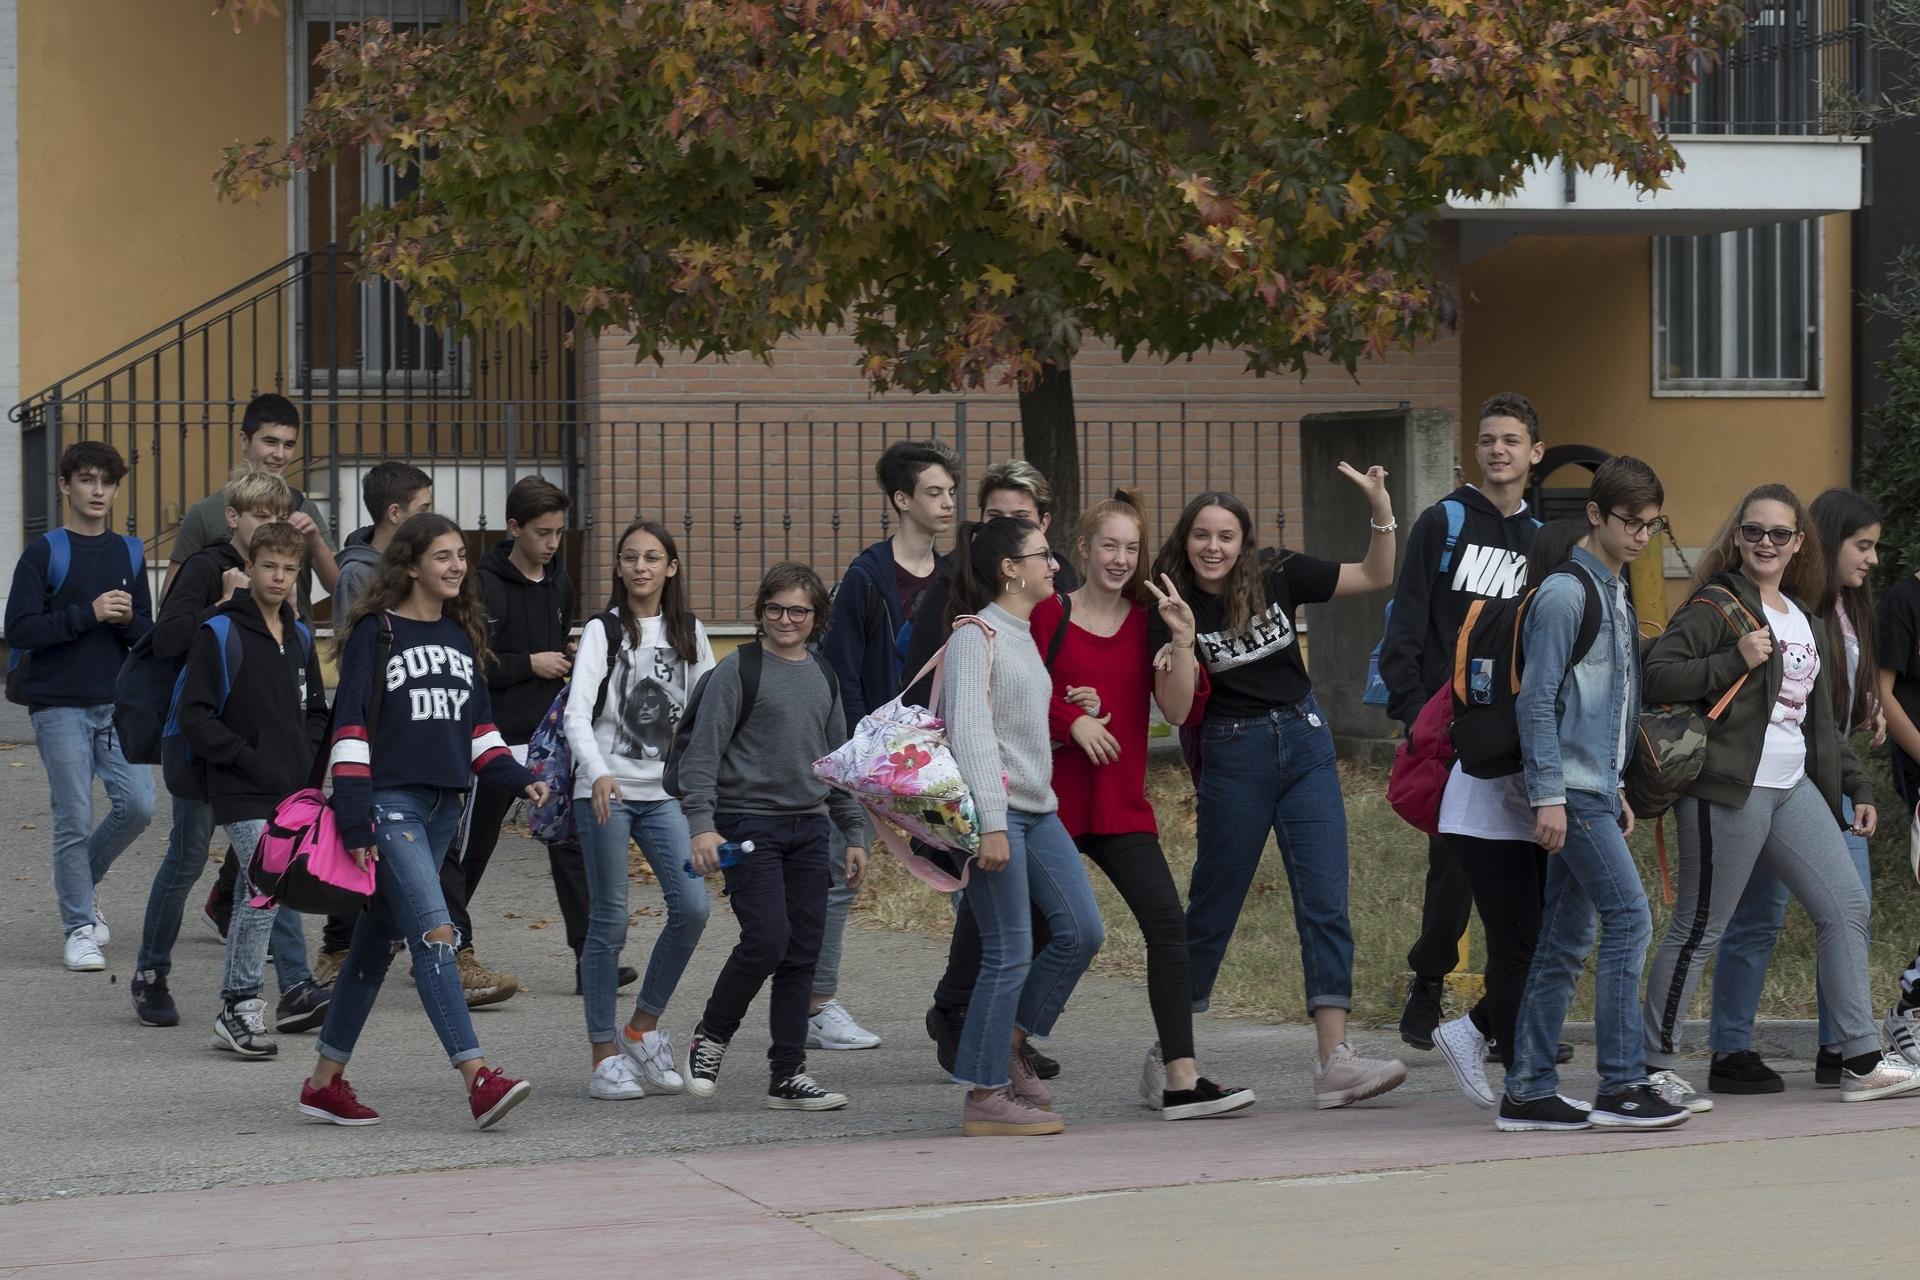 scuola secondaria 2° grado - San Bernardino - Chiari - Scuola Paritaria